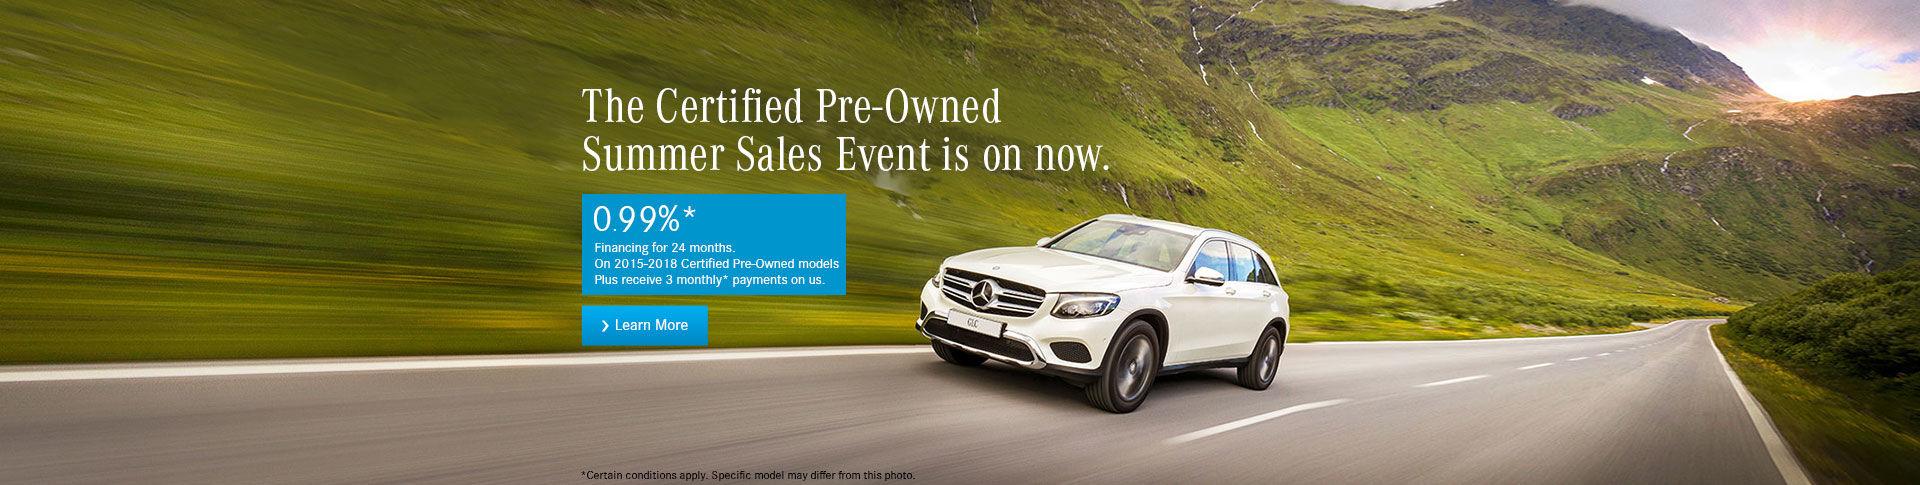 Mercedes-Benz CPO Summer Sales Event!